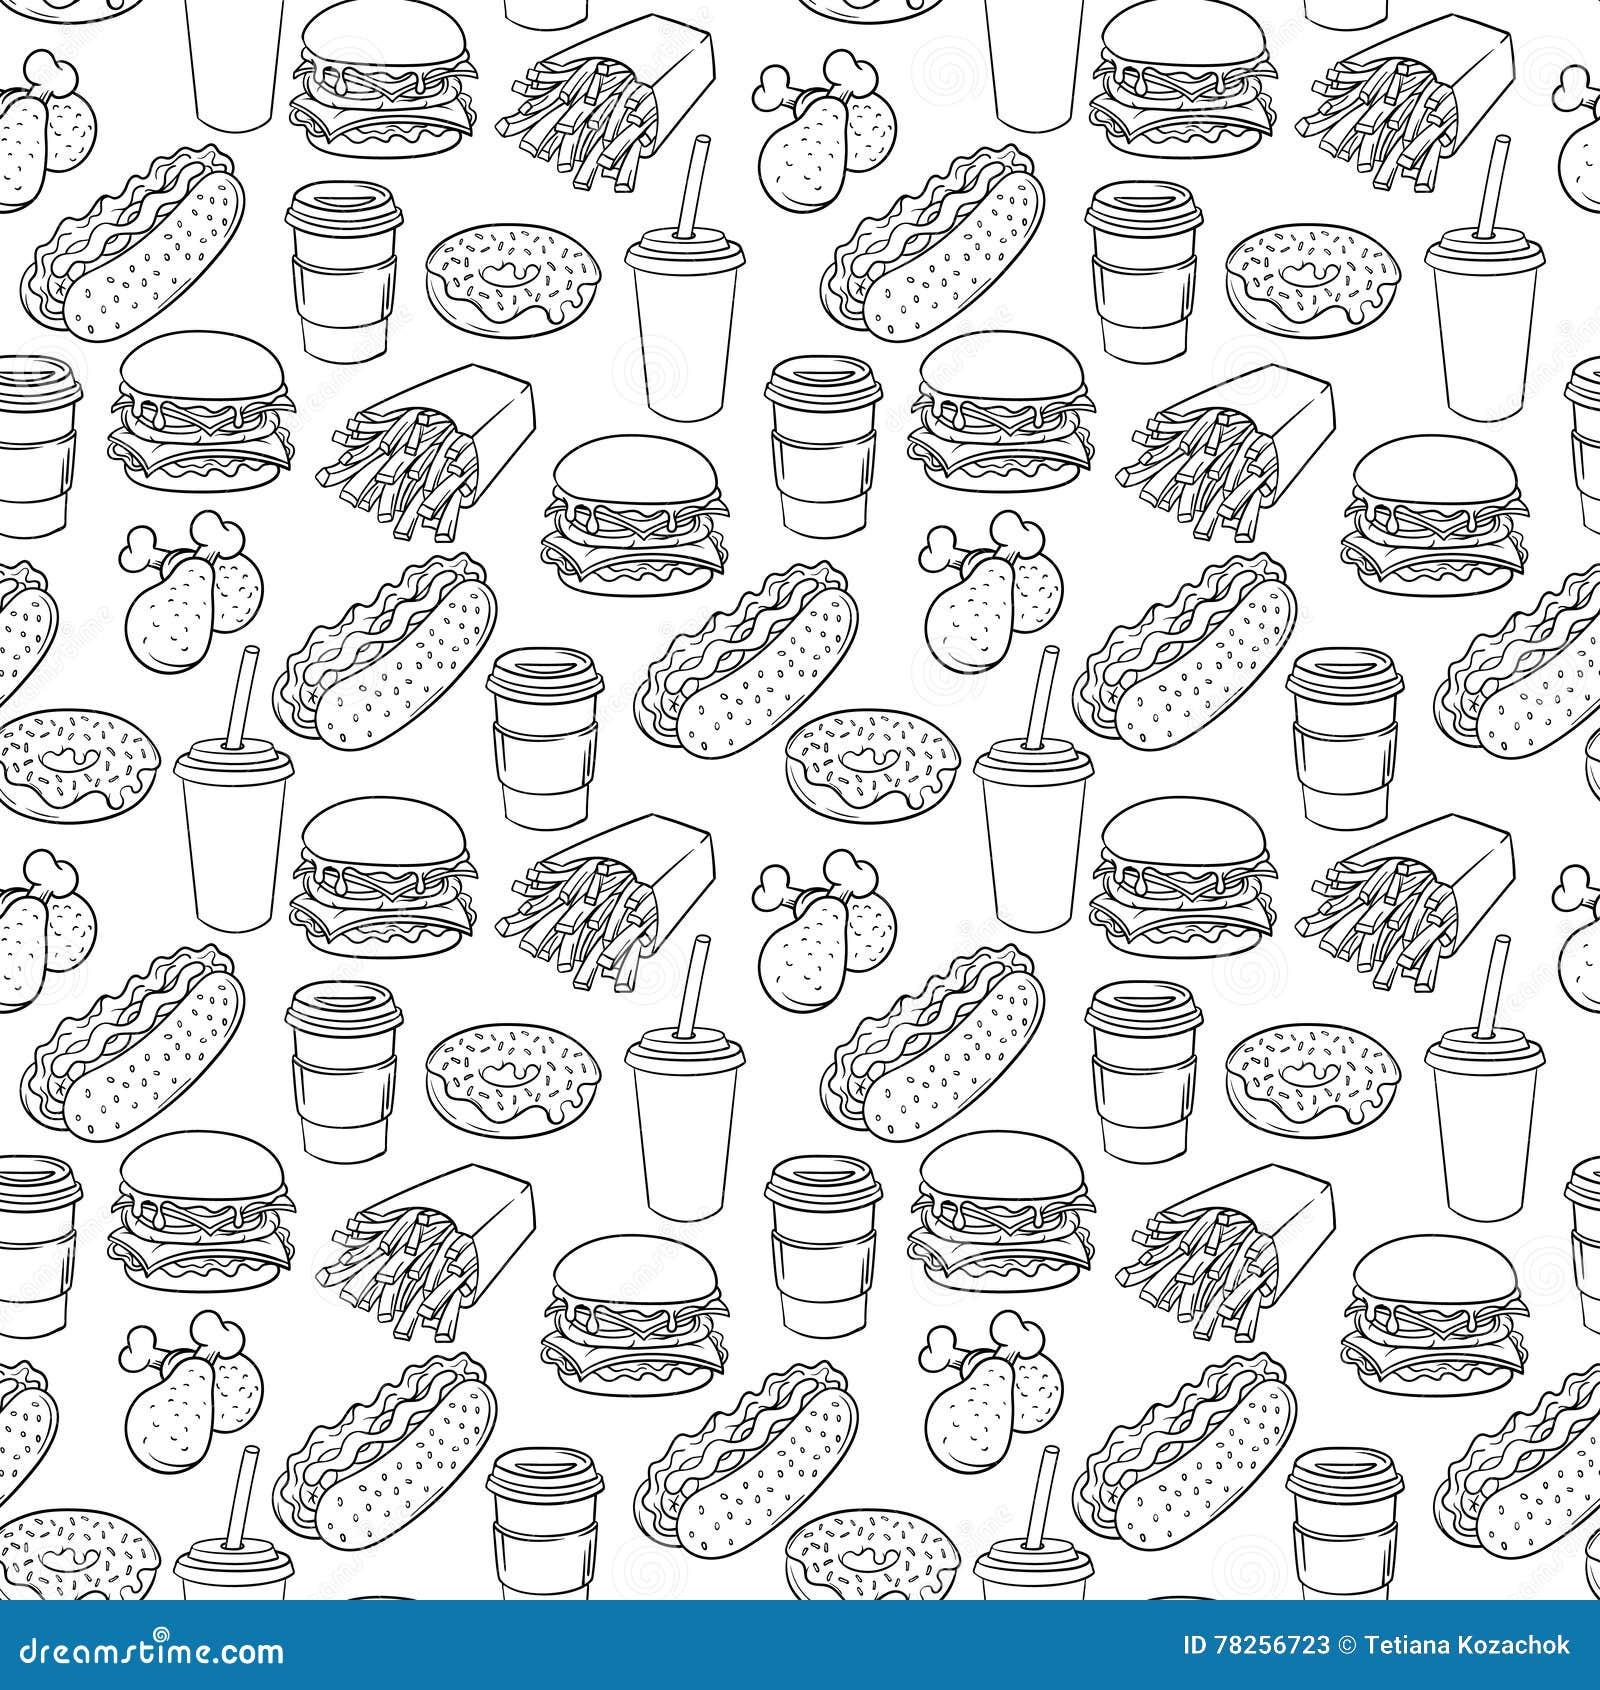 Διανυσματικό συρμένο χέρι λαϊκό σχέδιο γρήγορου φαγητού τέχνης μονοχρωματικό